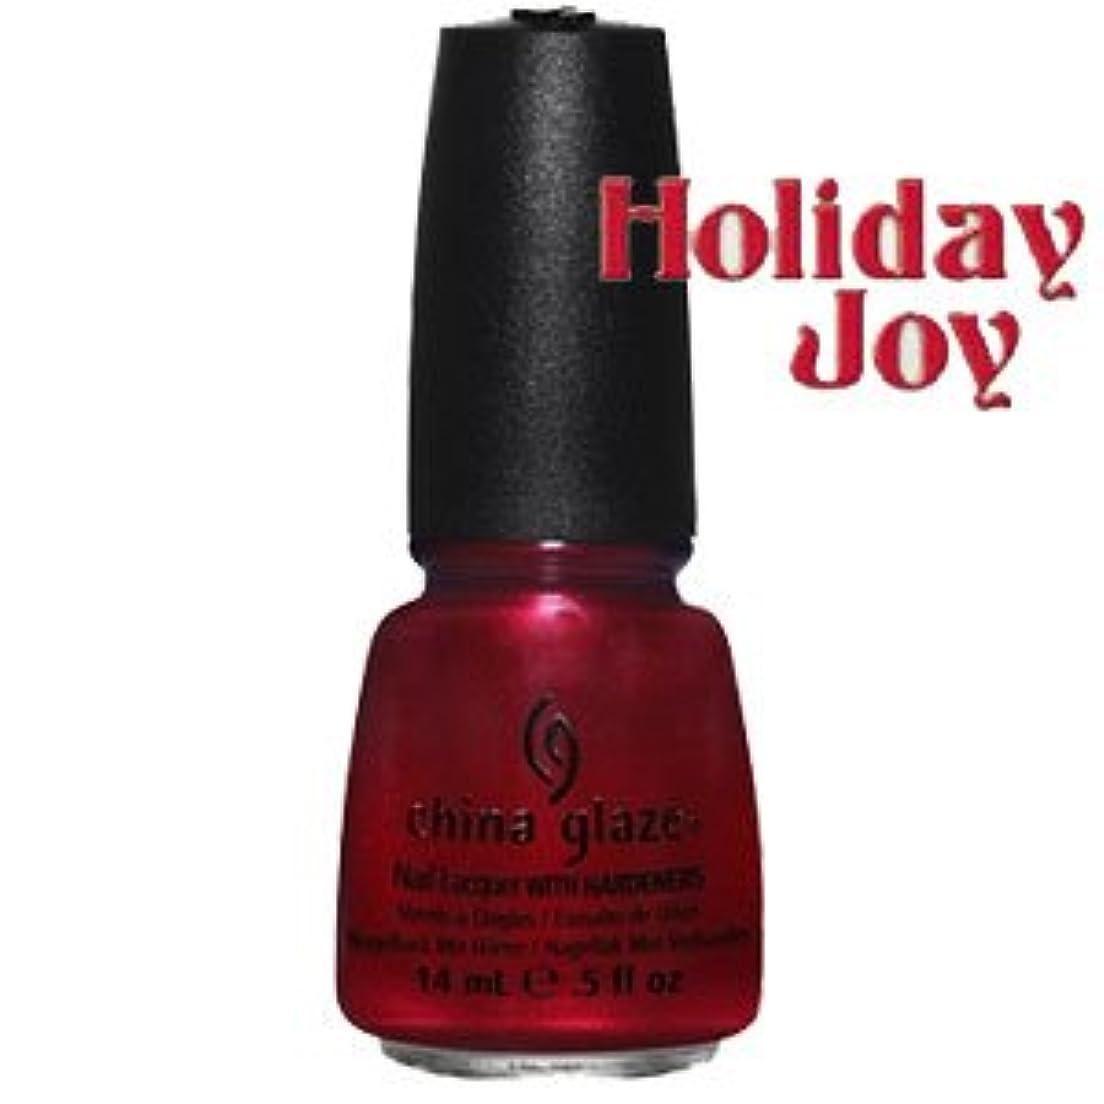 あごひげ半ばブランド名(チャイナグレイズ)China Glaze Cranberry Splashー'12Holiday Joy コレクション [海外直送品][並行輸入品]